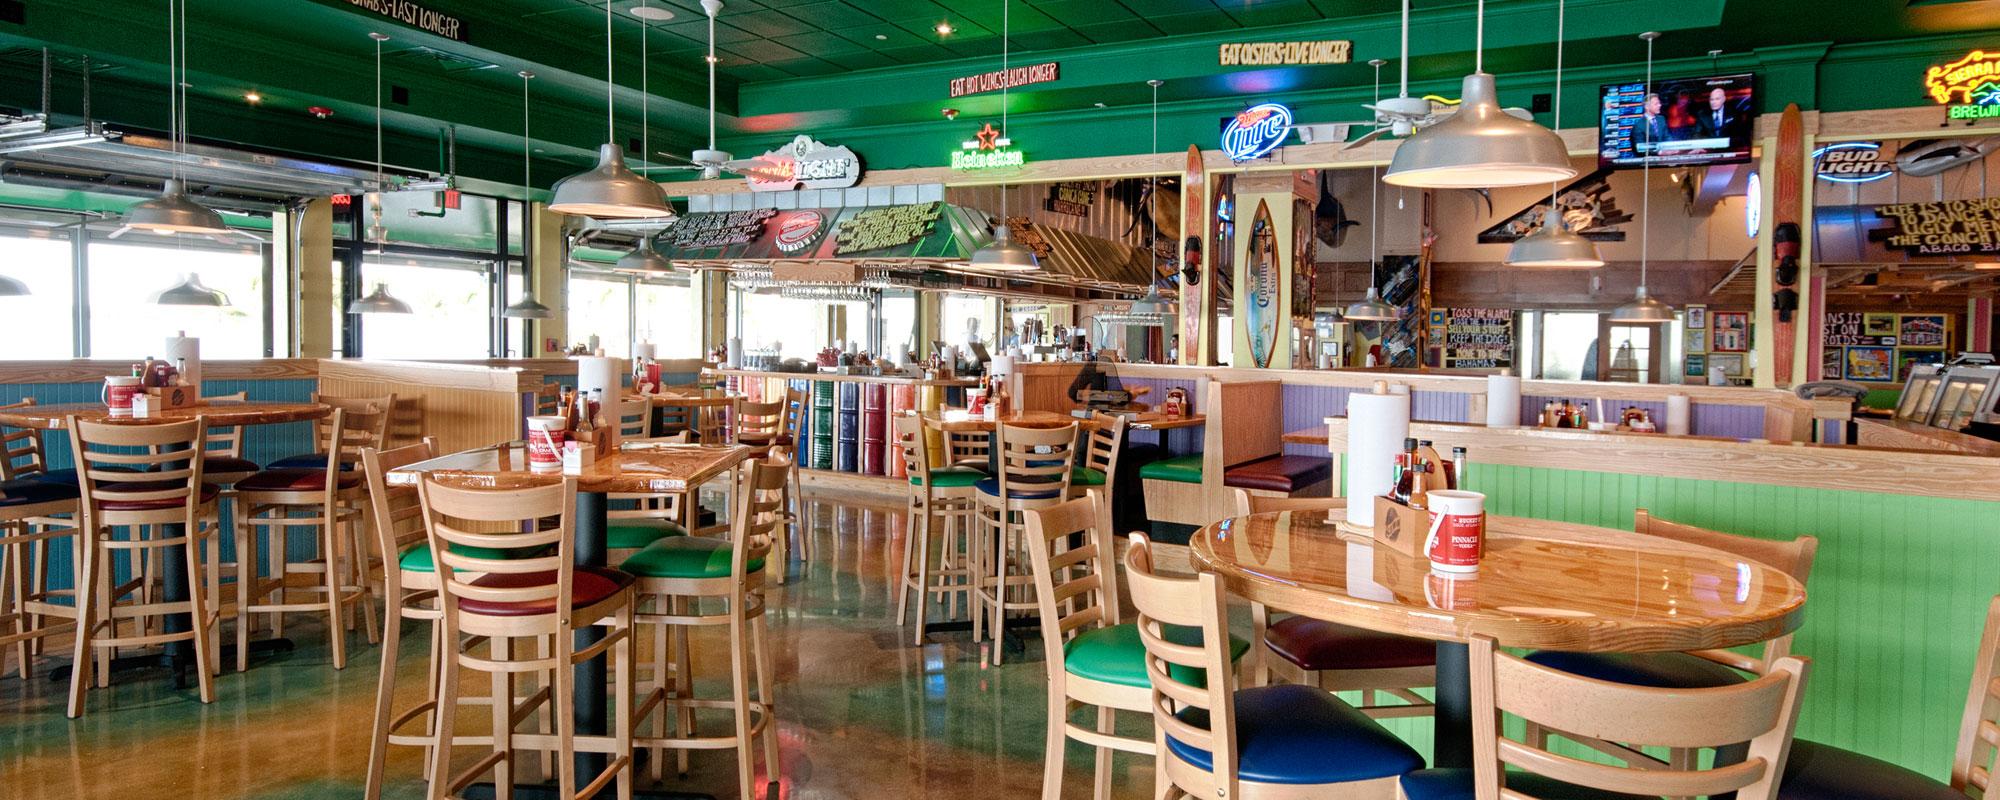 Pinchers Crab Shack – The Marina at Edison Ford